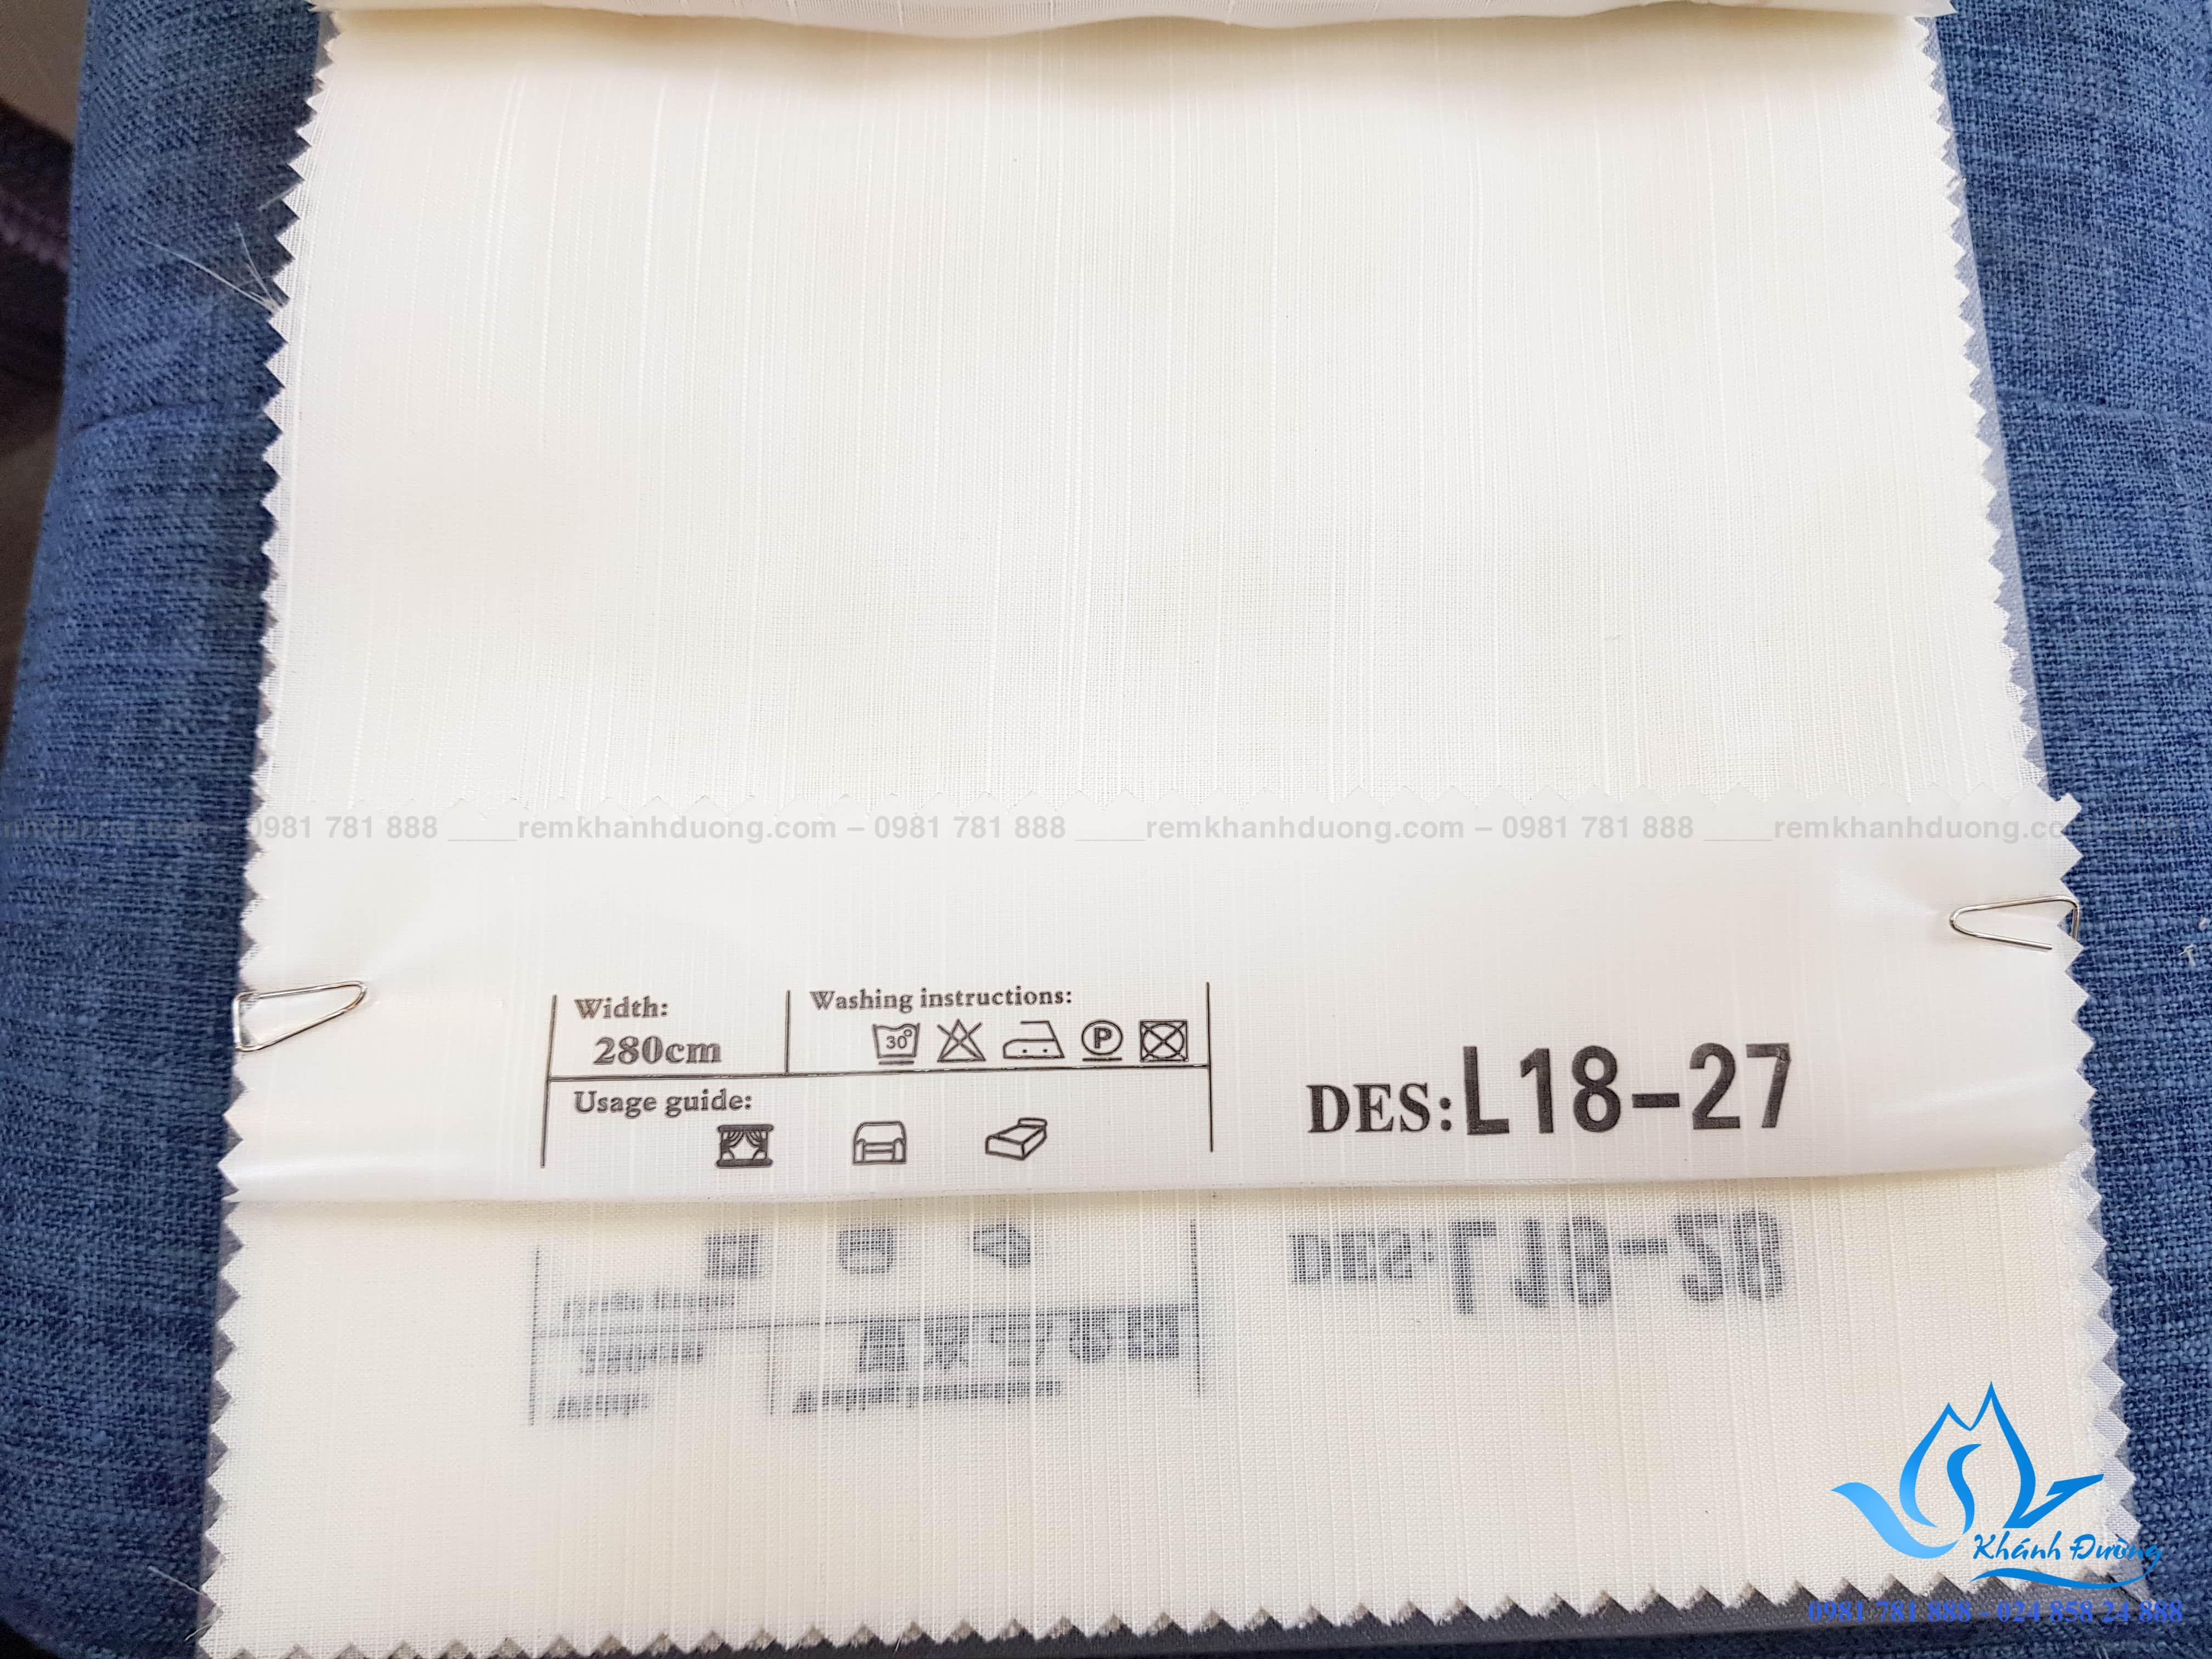 man-cua-vai-2-lop-chung-cu-hien-dai-tai-royal-city-thanh-xuan-l1827-2